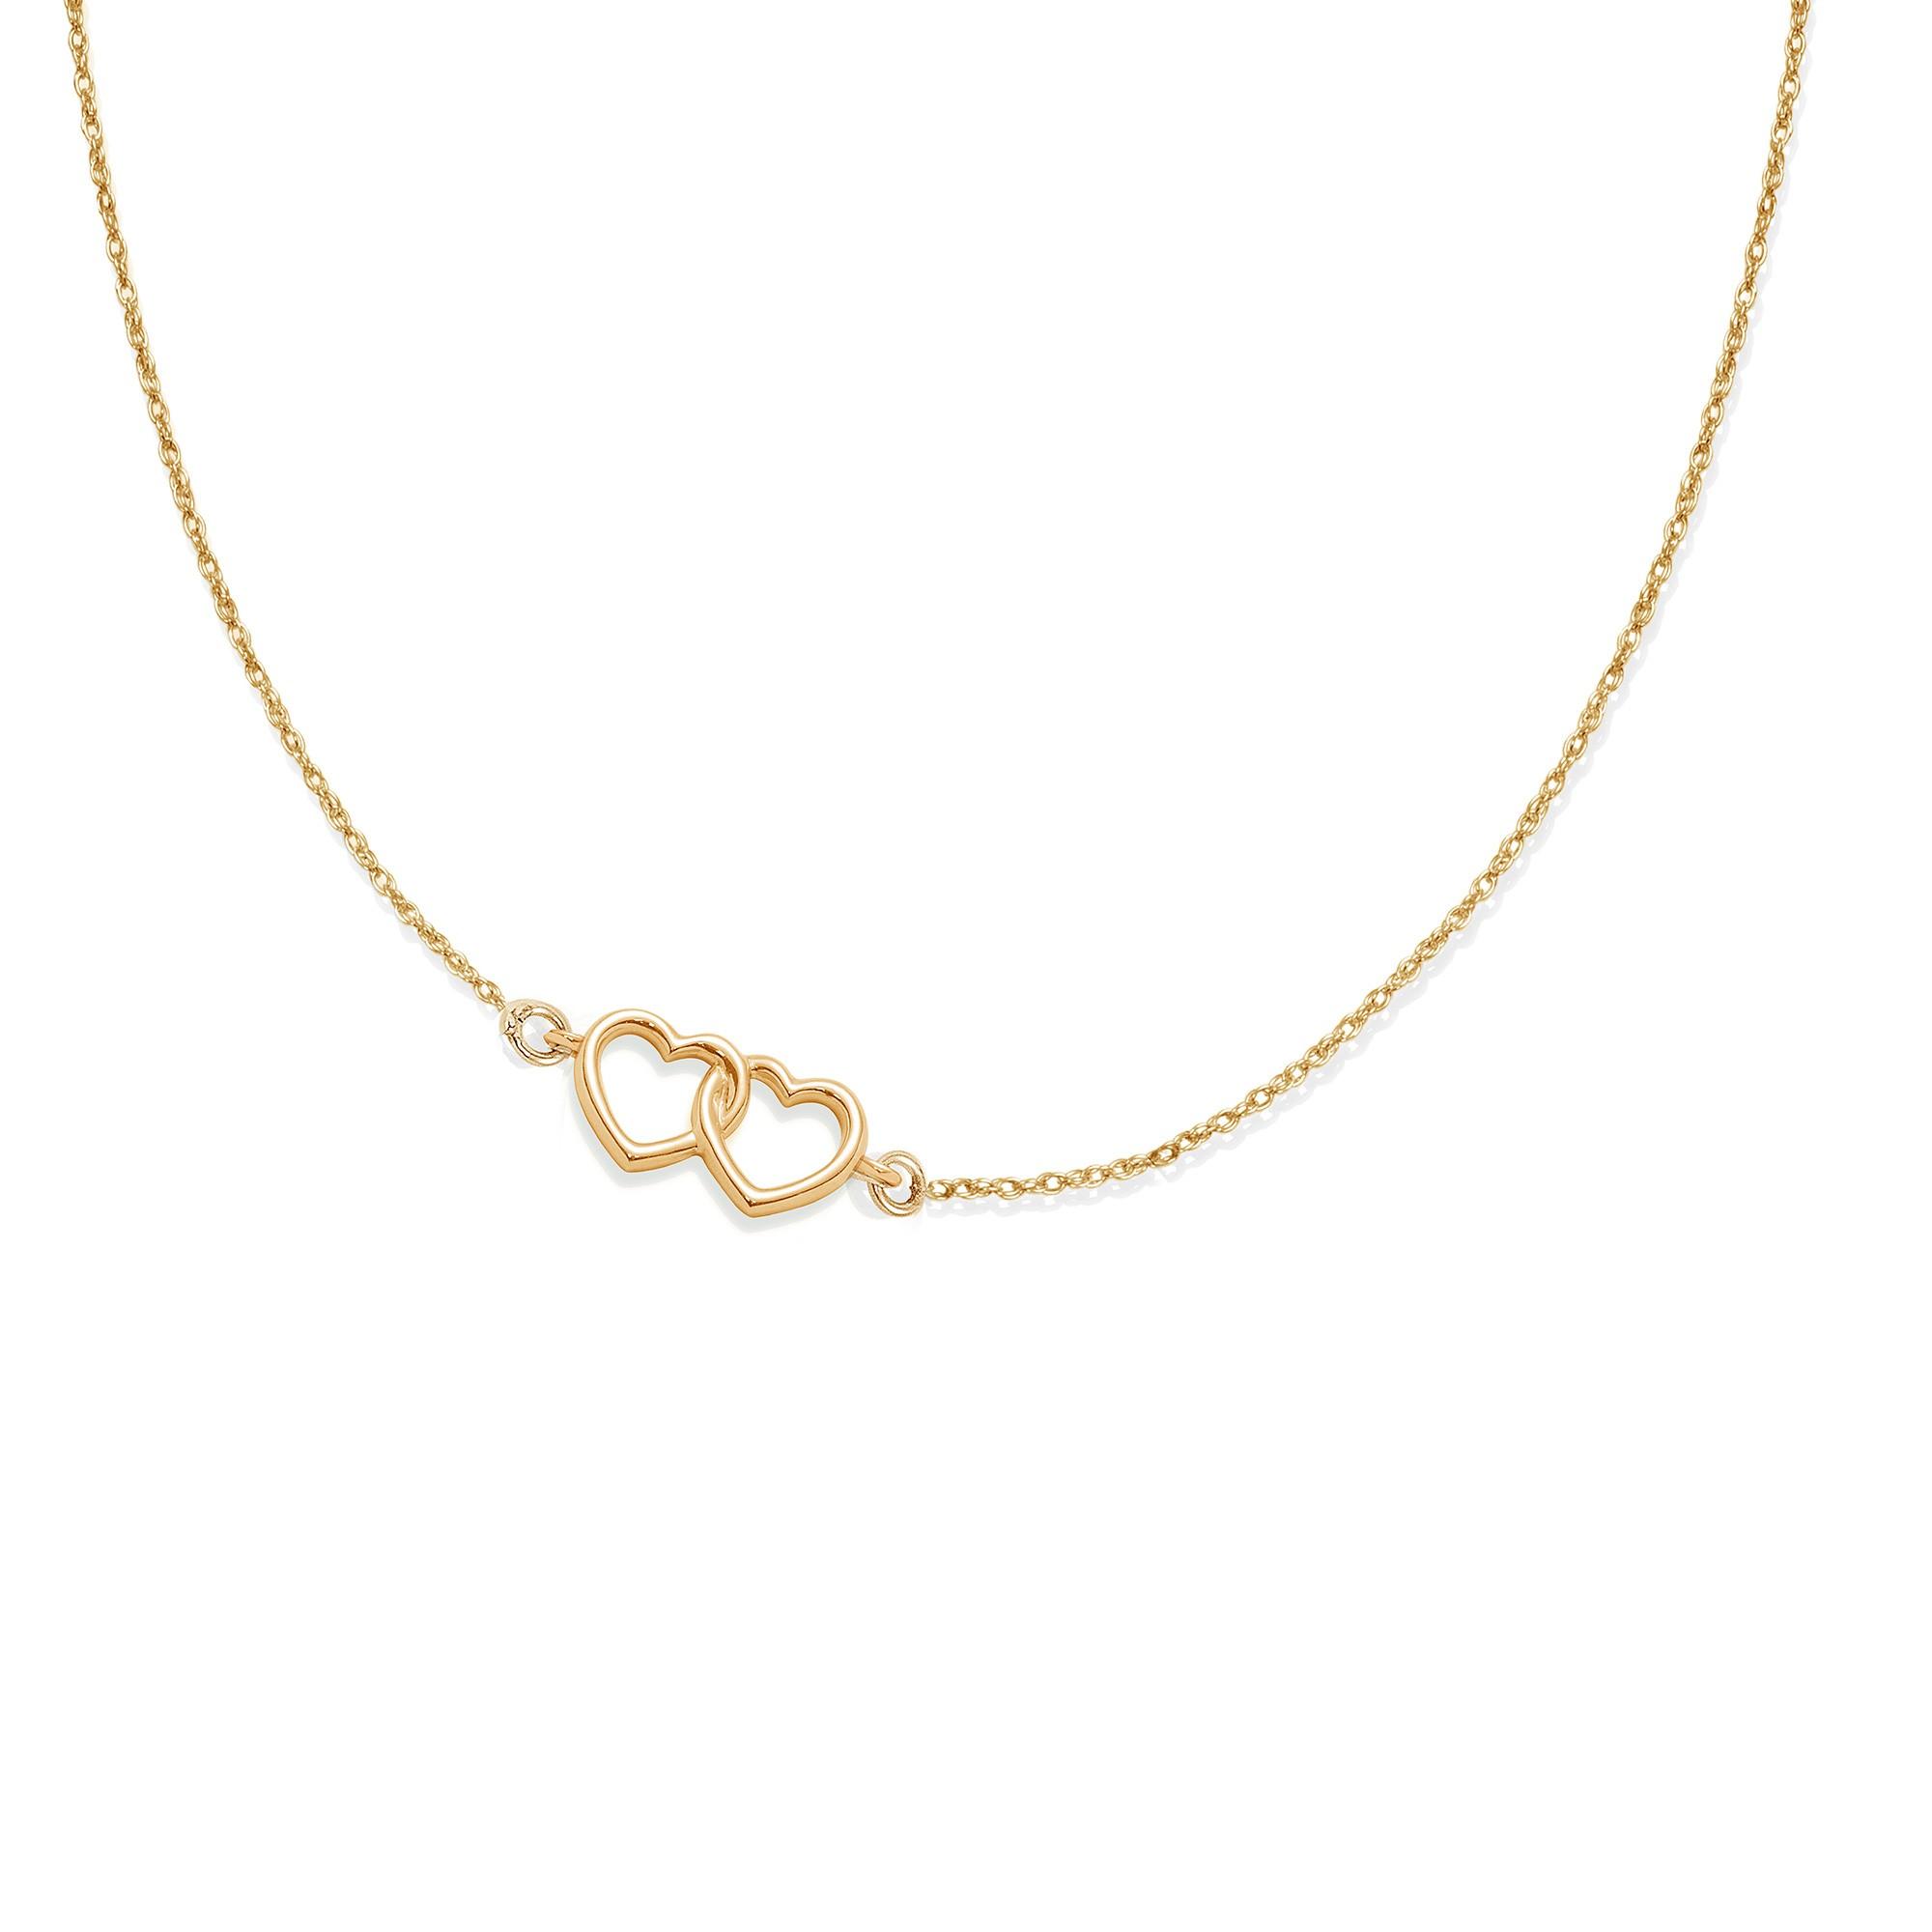 Collier chaîne avec deux cœurs joints plaqués or